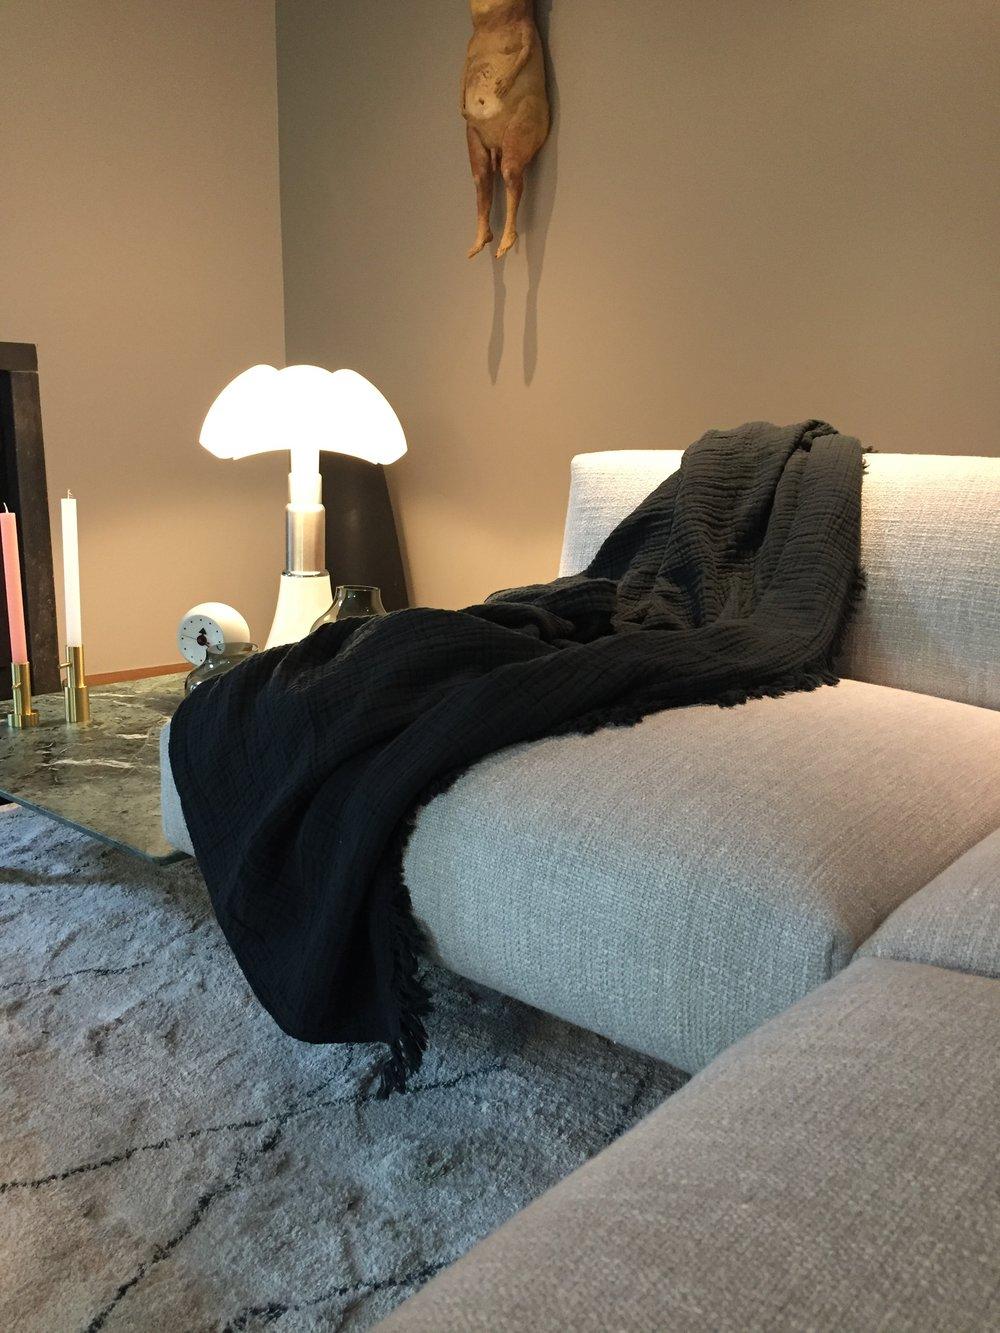 Loncin interieurarchitecten Studio Loncin Residentie in Limburg design huis design meubels  5.JPG